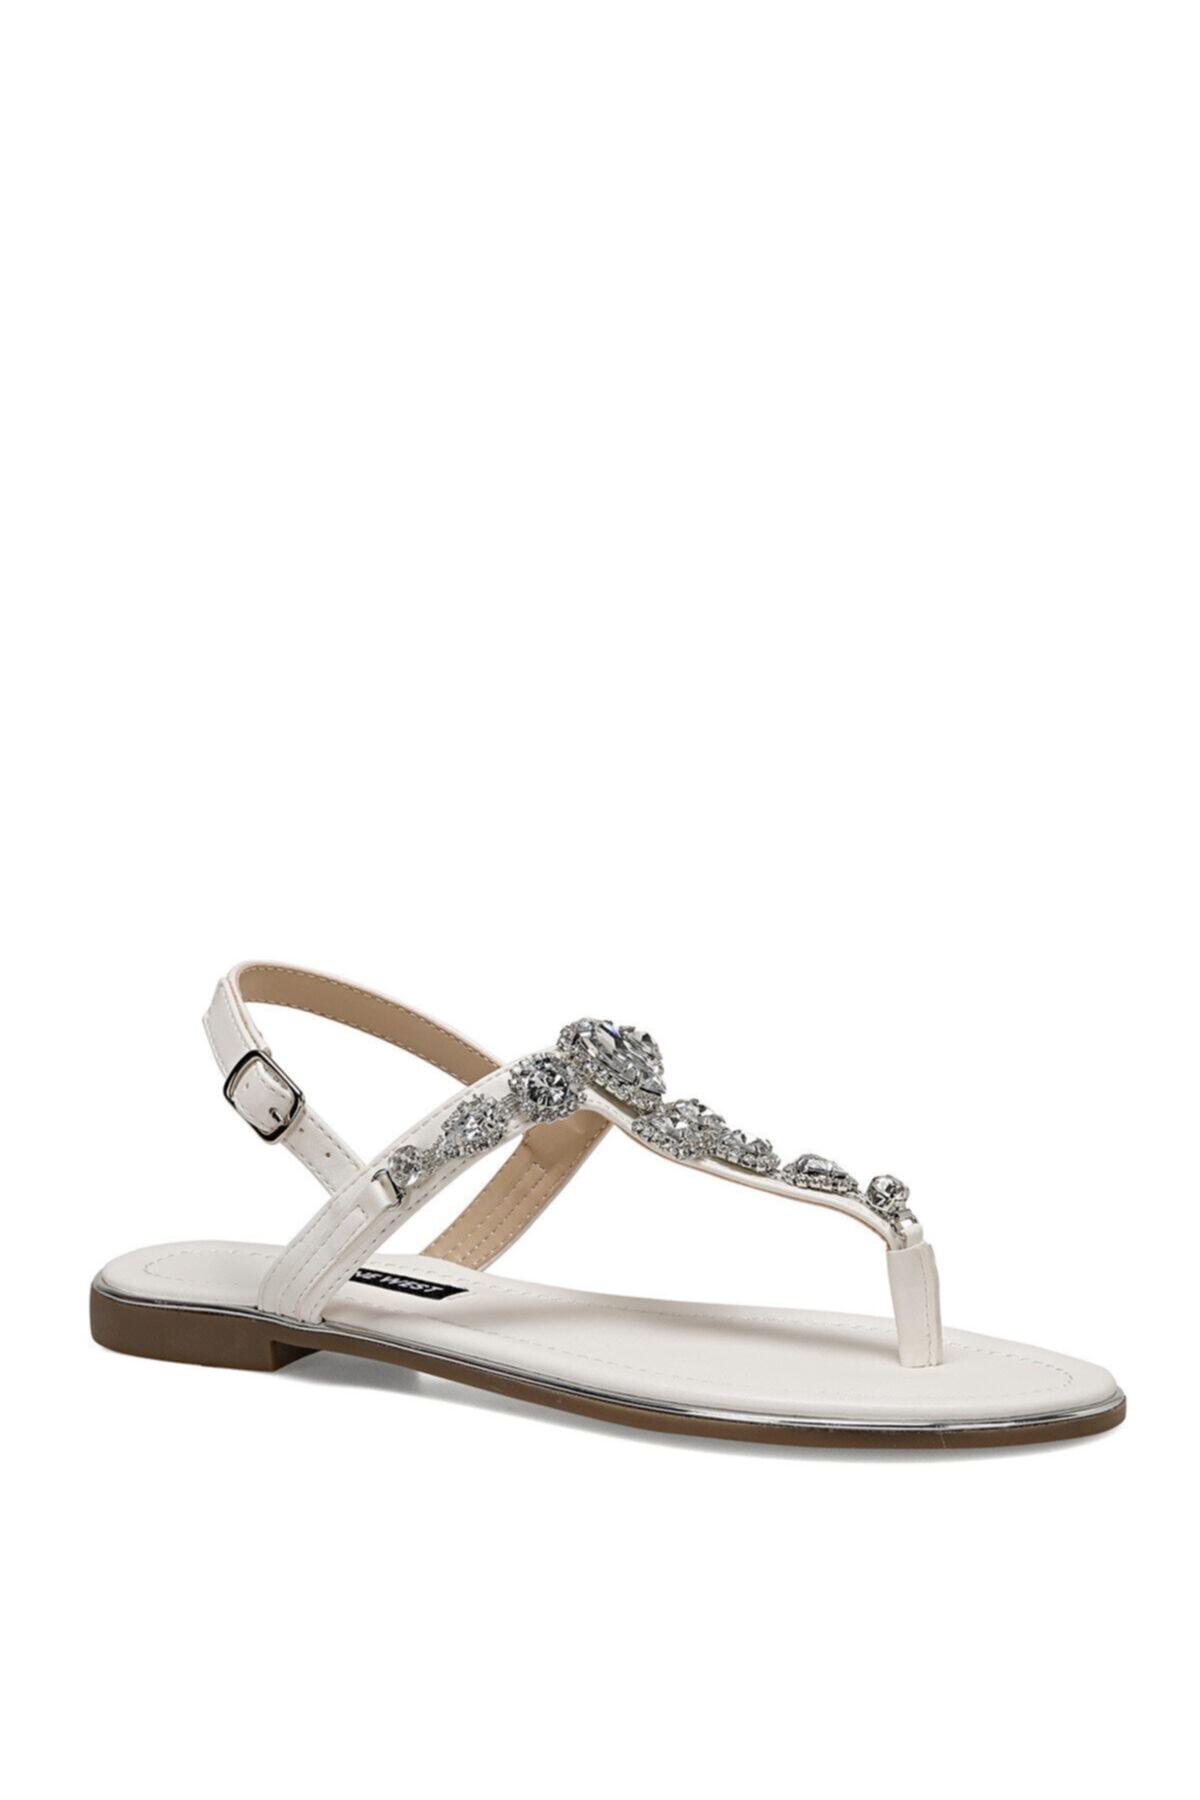 Nine West ZULI Beyaz Kadın Sandalet 100524863 2